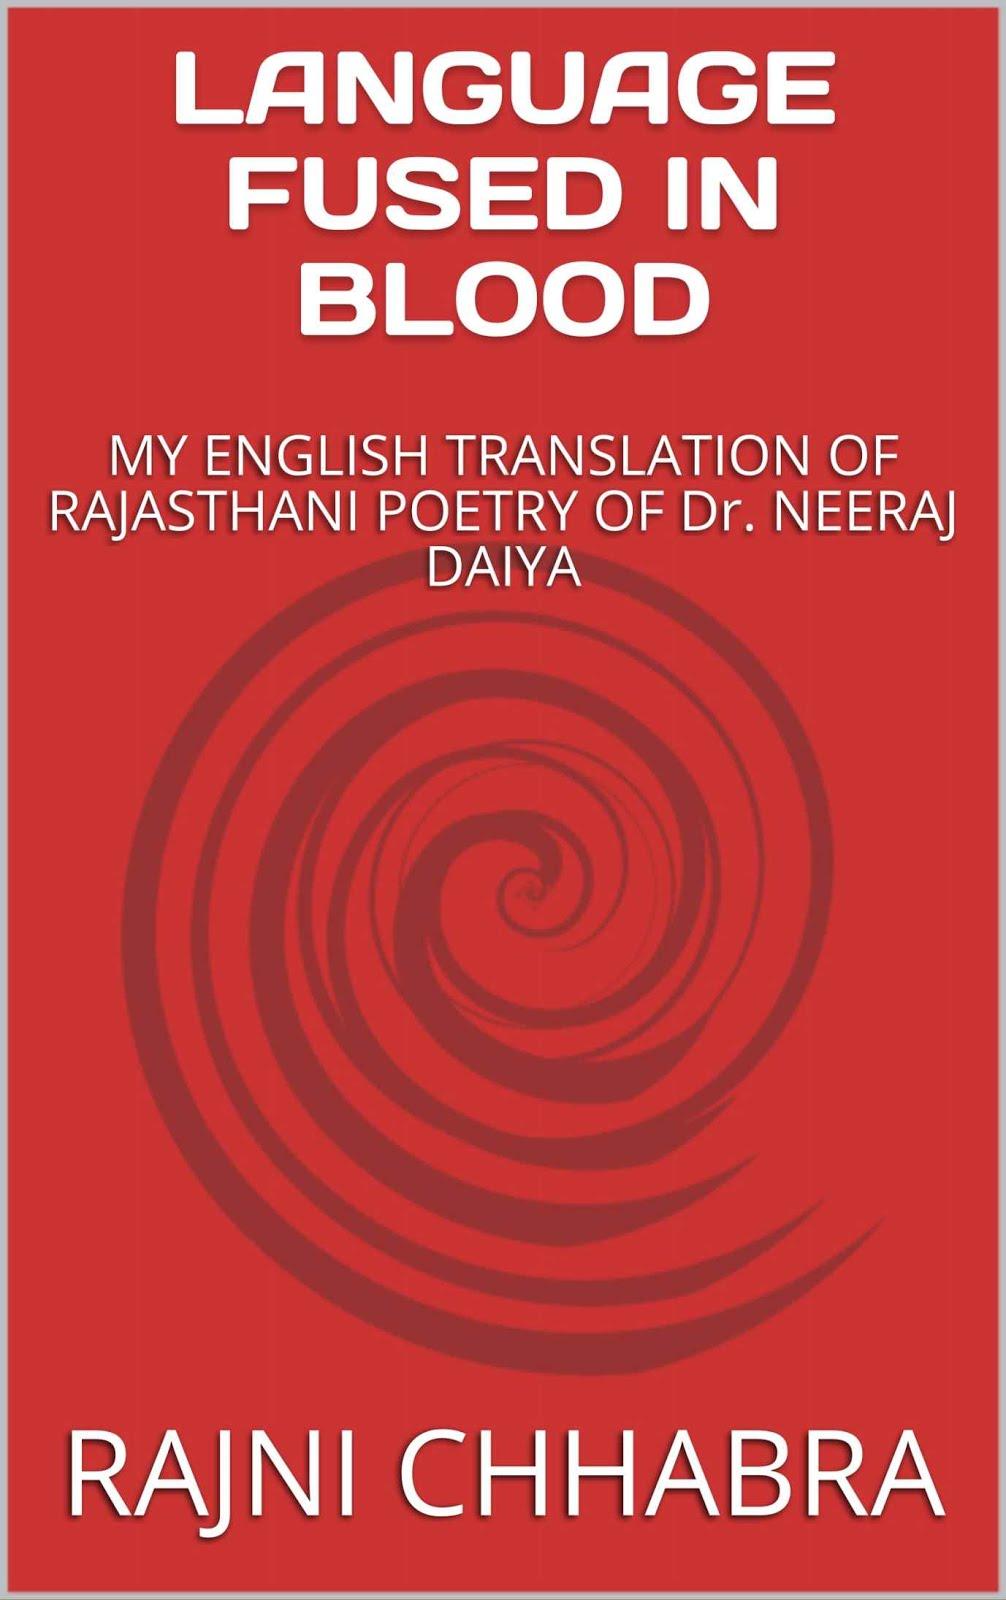 Dr. NEERAJ DAIYA's POETRY BOOK (RAJASTHANI); Tr. by- RAJNI CHHABRA